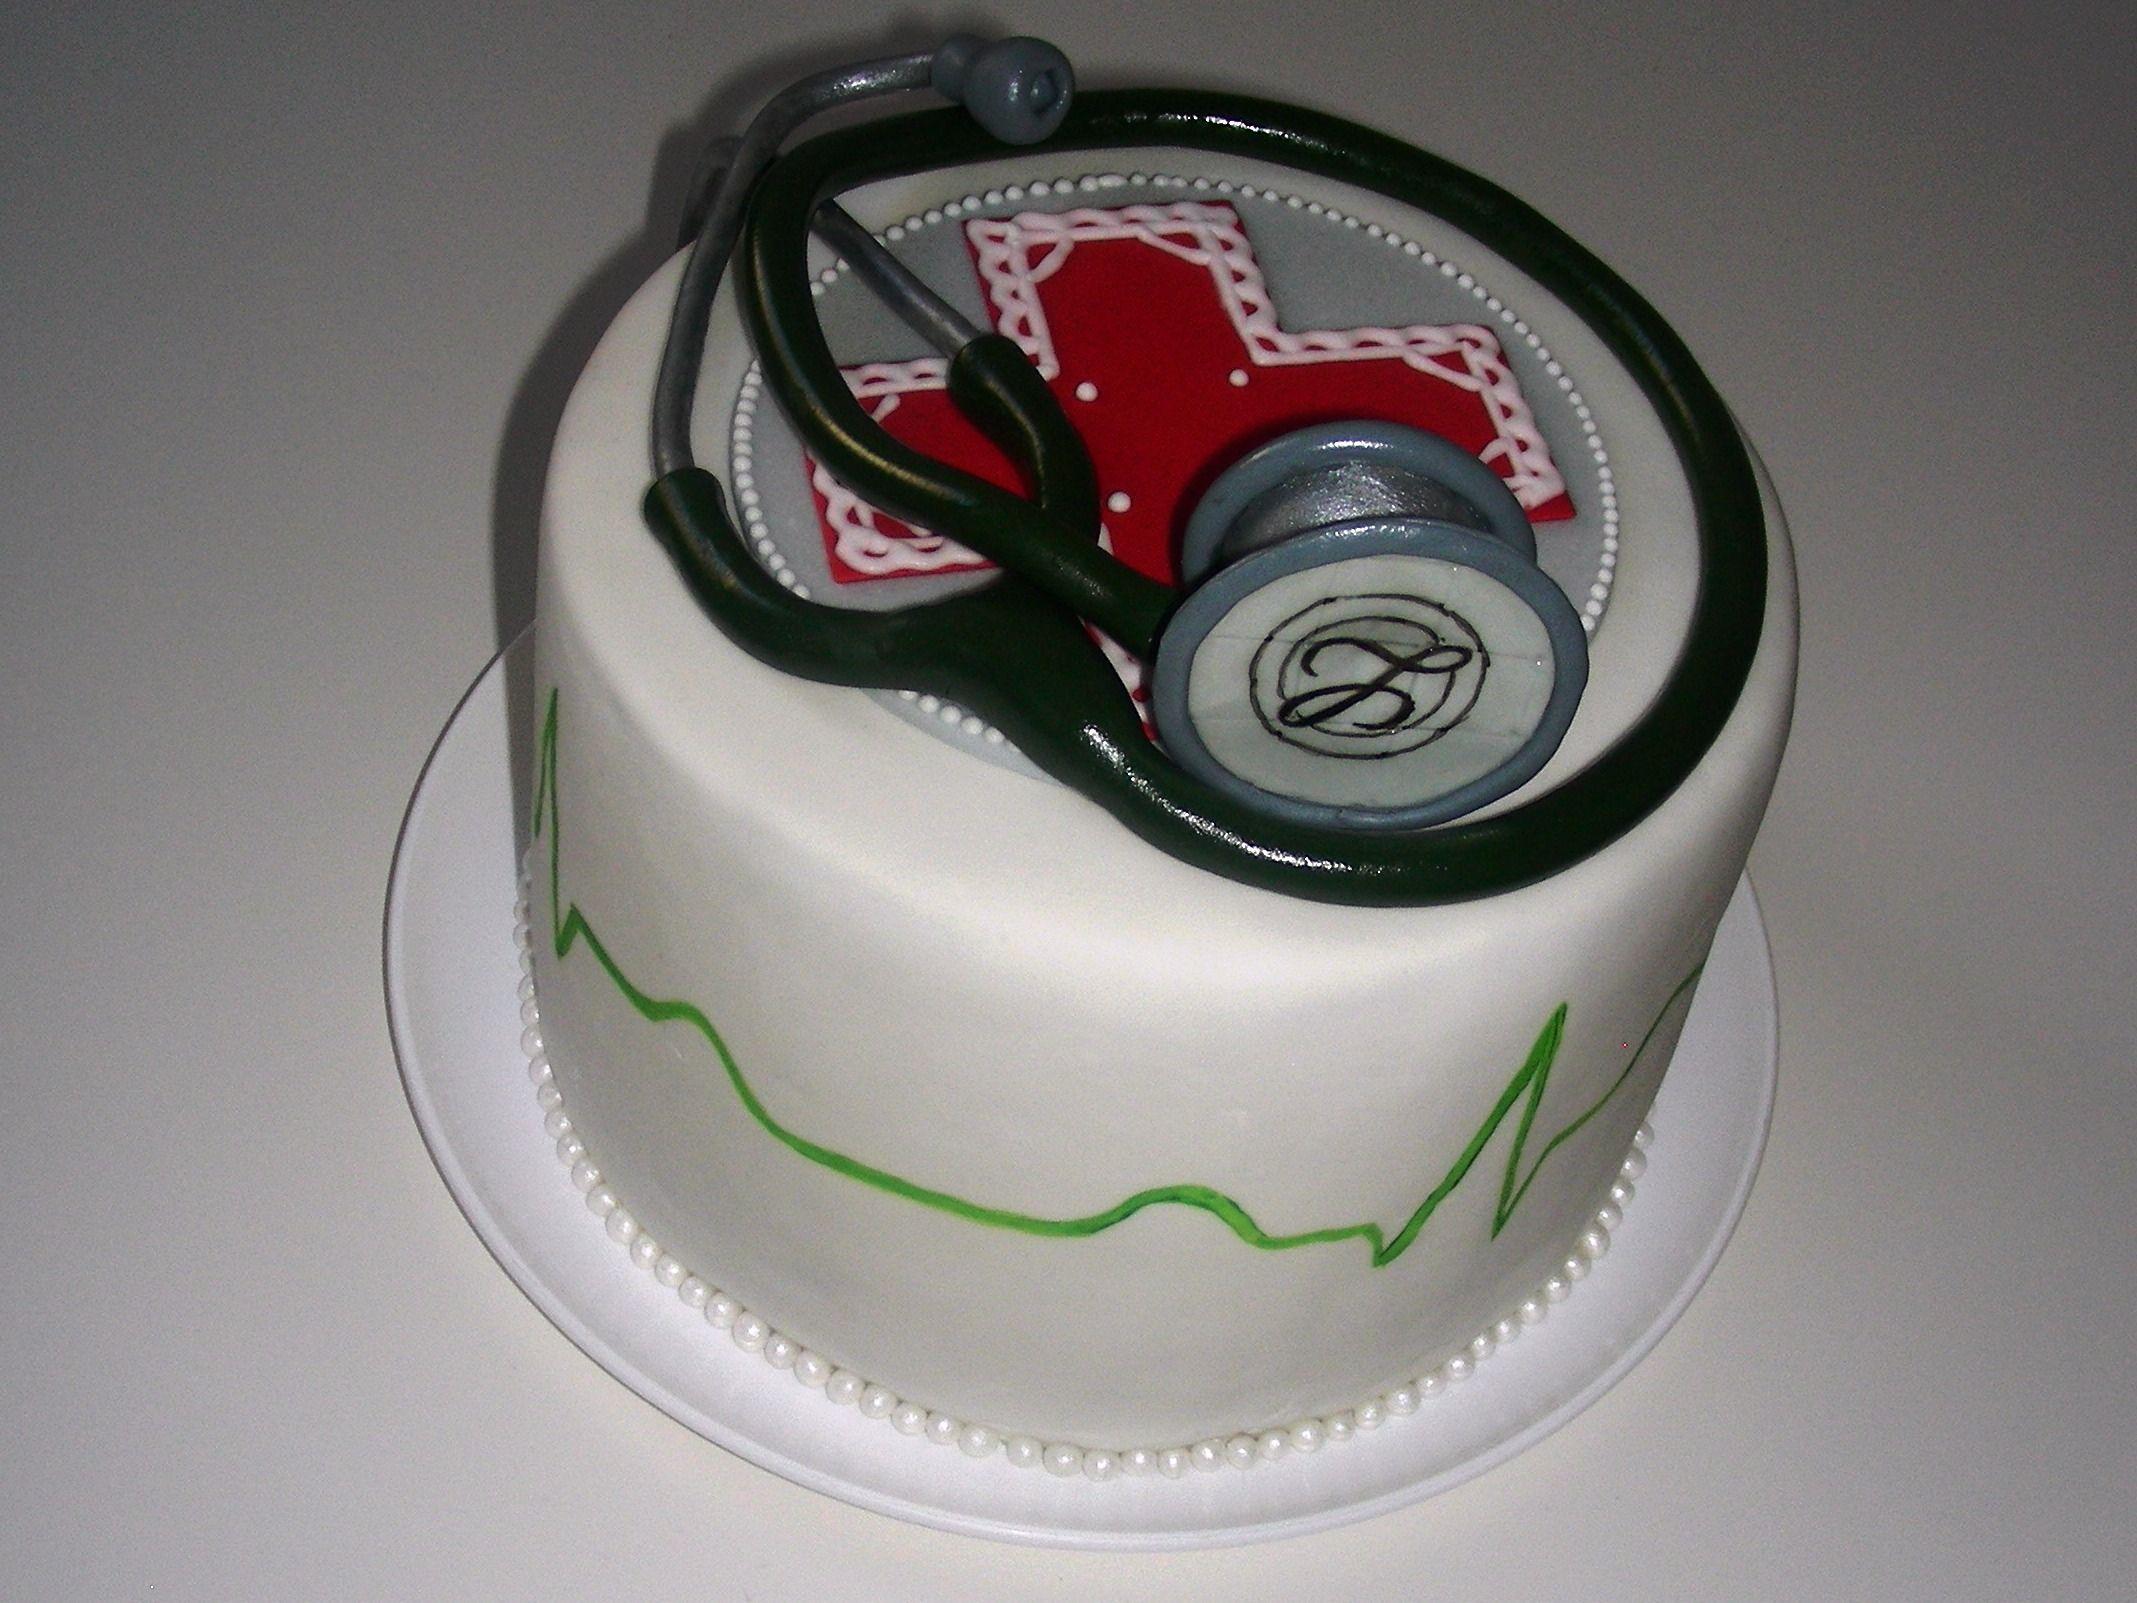 Arzt-Torte zum PJ-Beginn | Fondant Cake Ideas | Torte ...